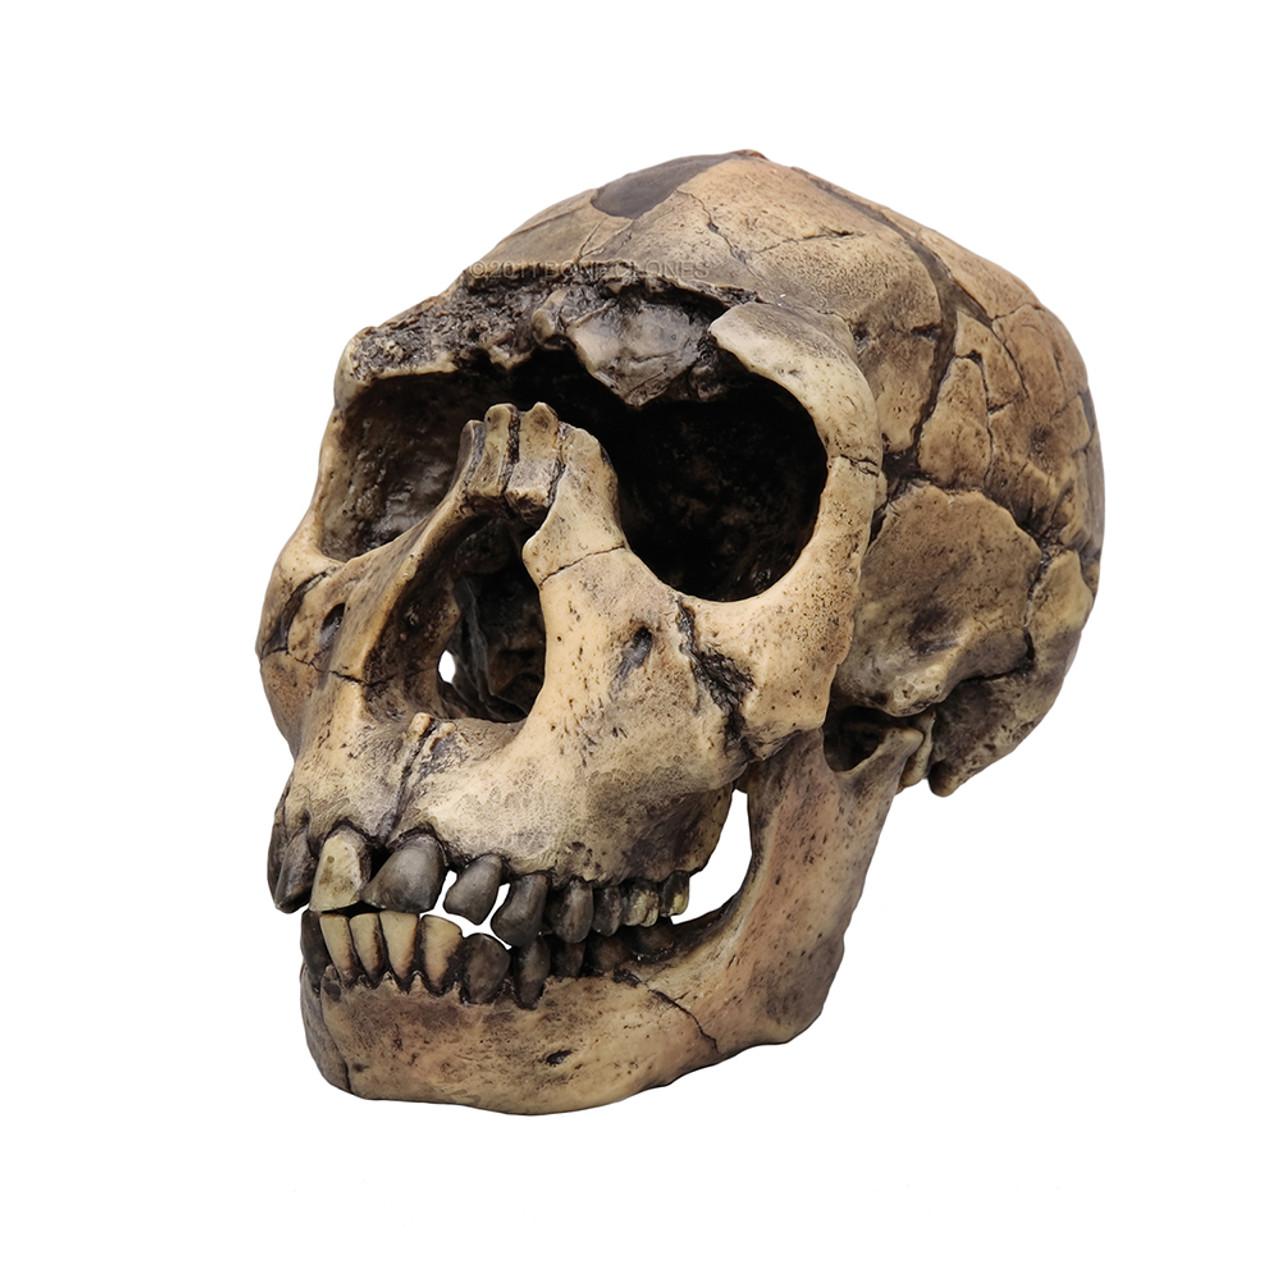 BH012 - Homo ergaster, KNM-WT 15000, 'Nariokotome Boy'